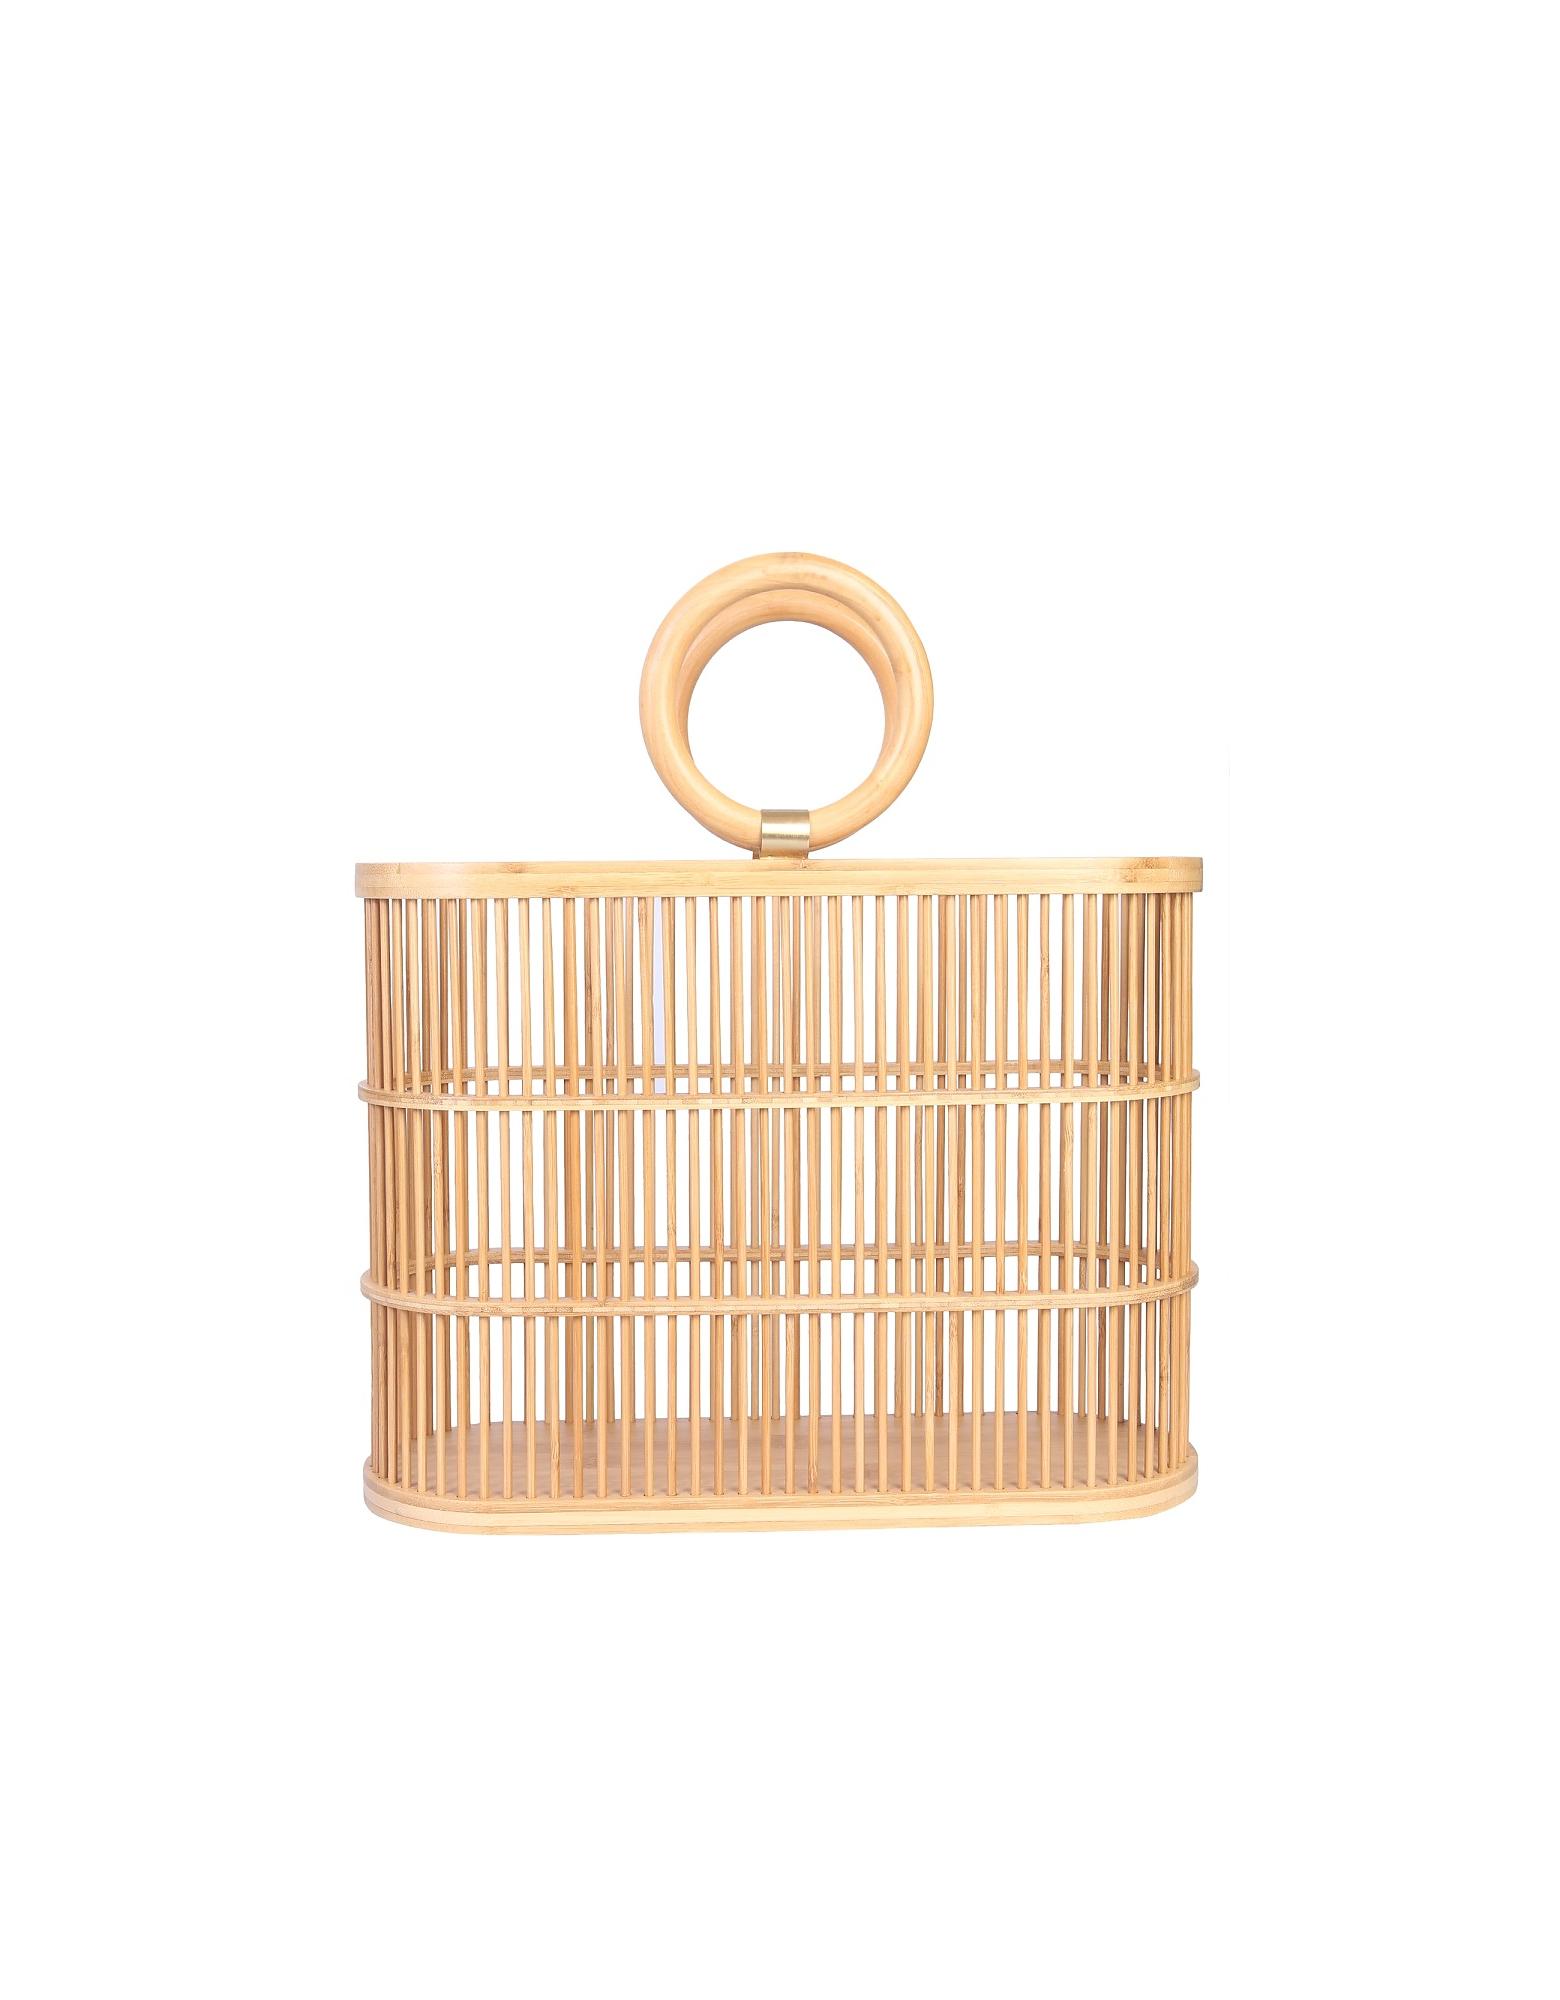 Cult Gaia Designer Handbags, Coco Tote